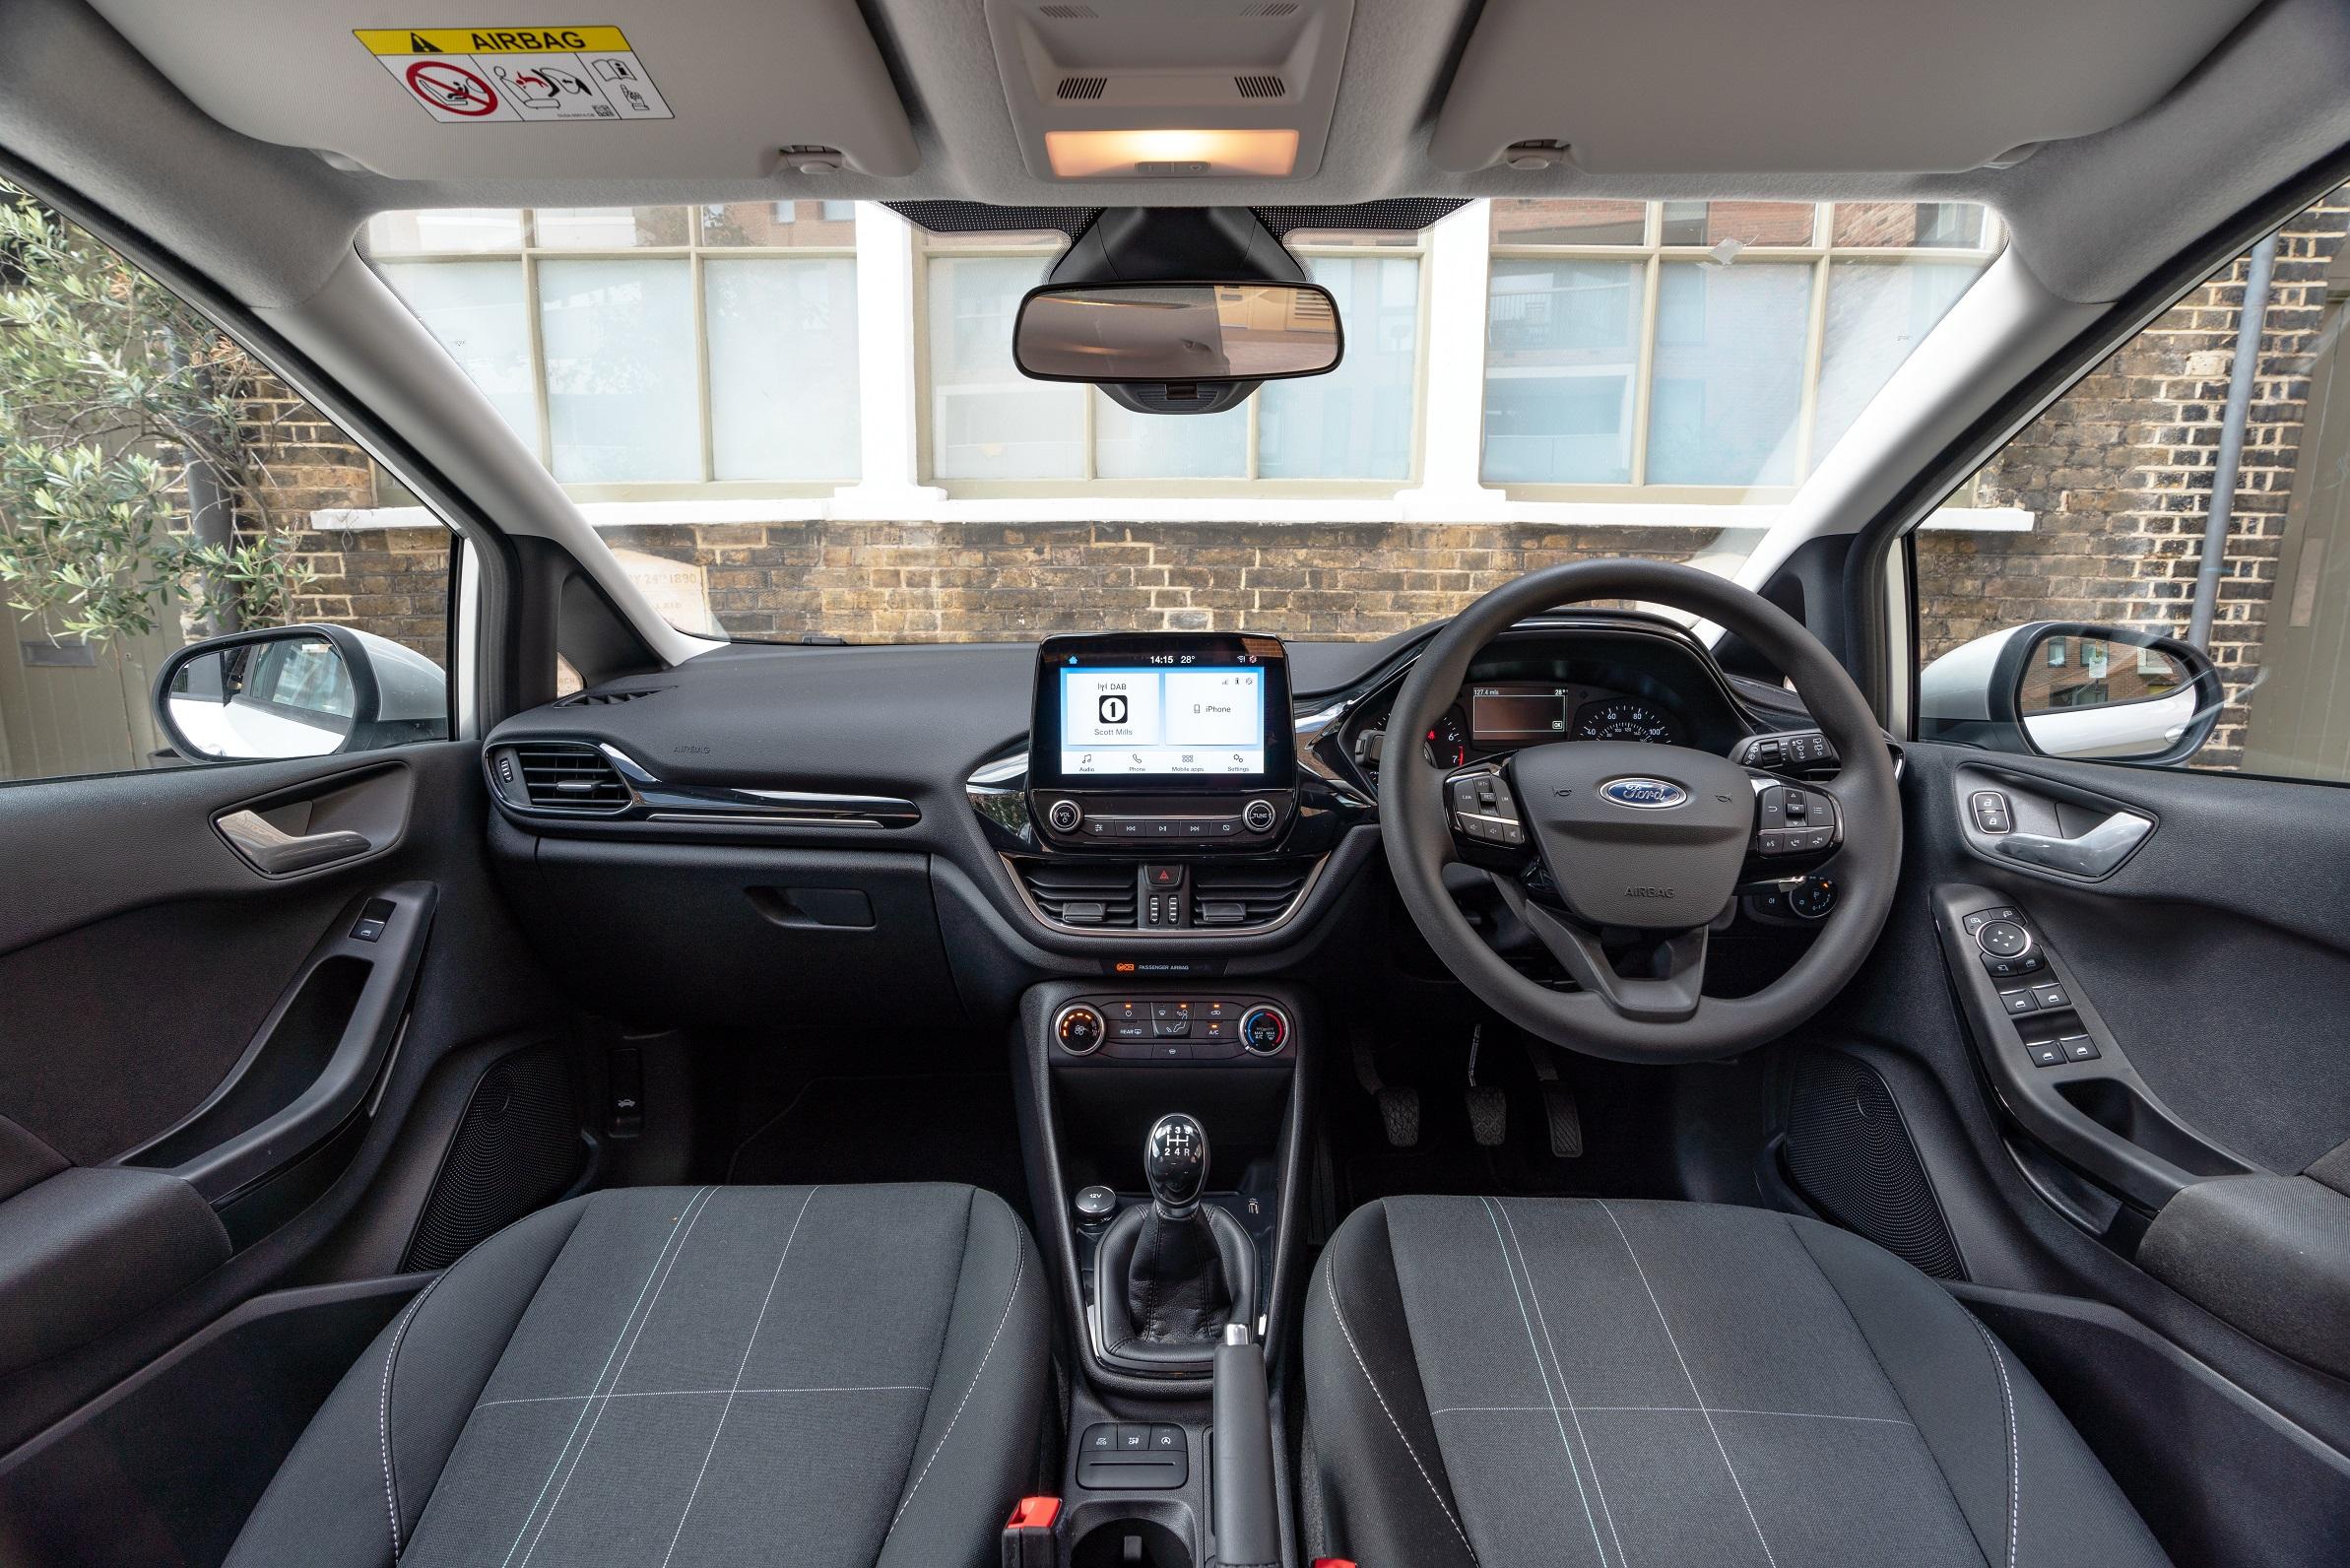 Fiesta Trend interior